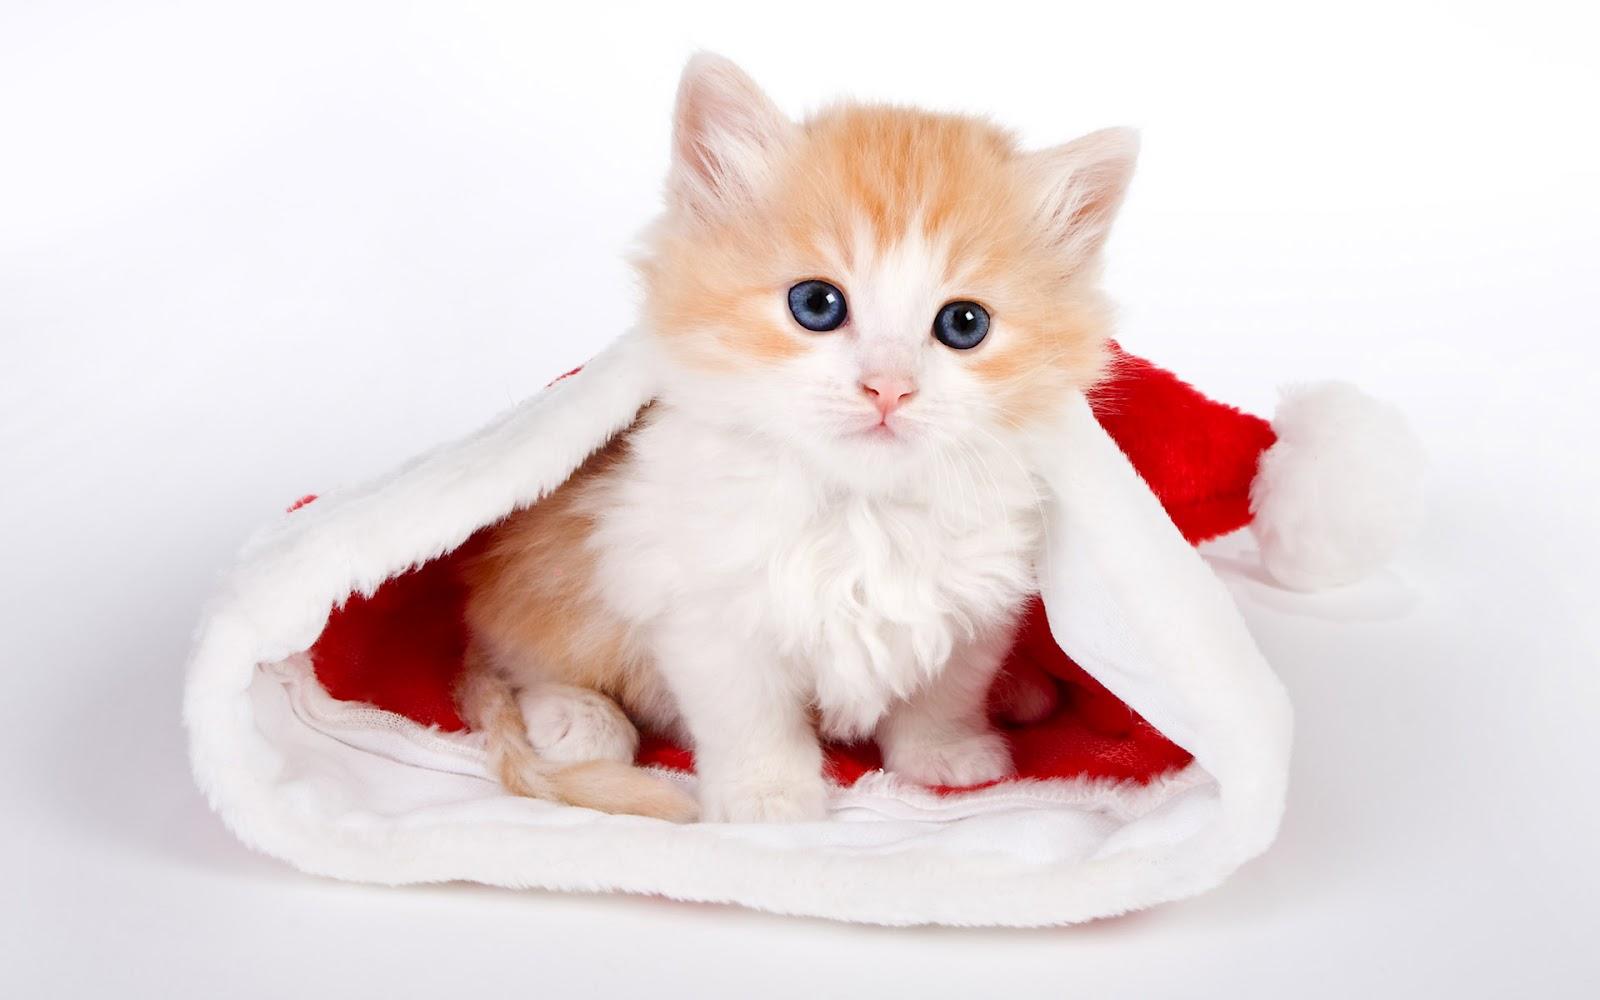 download gambar kucing lucu - gambar kucing - download gambar kucing lucu